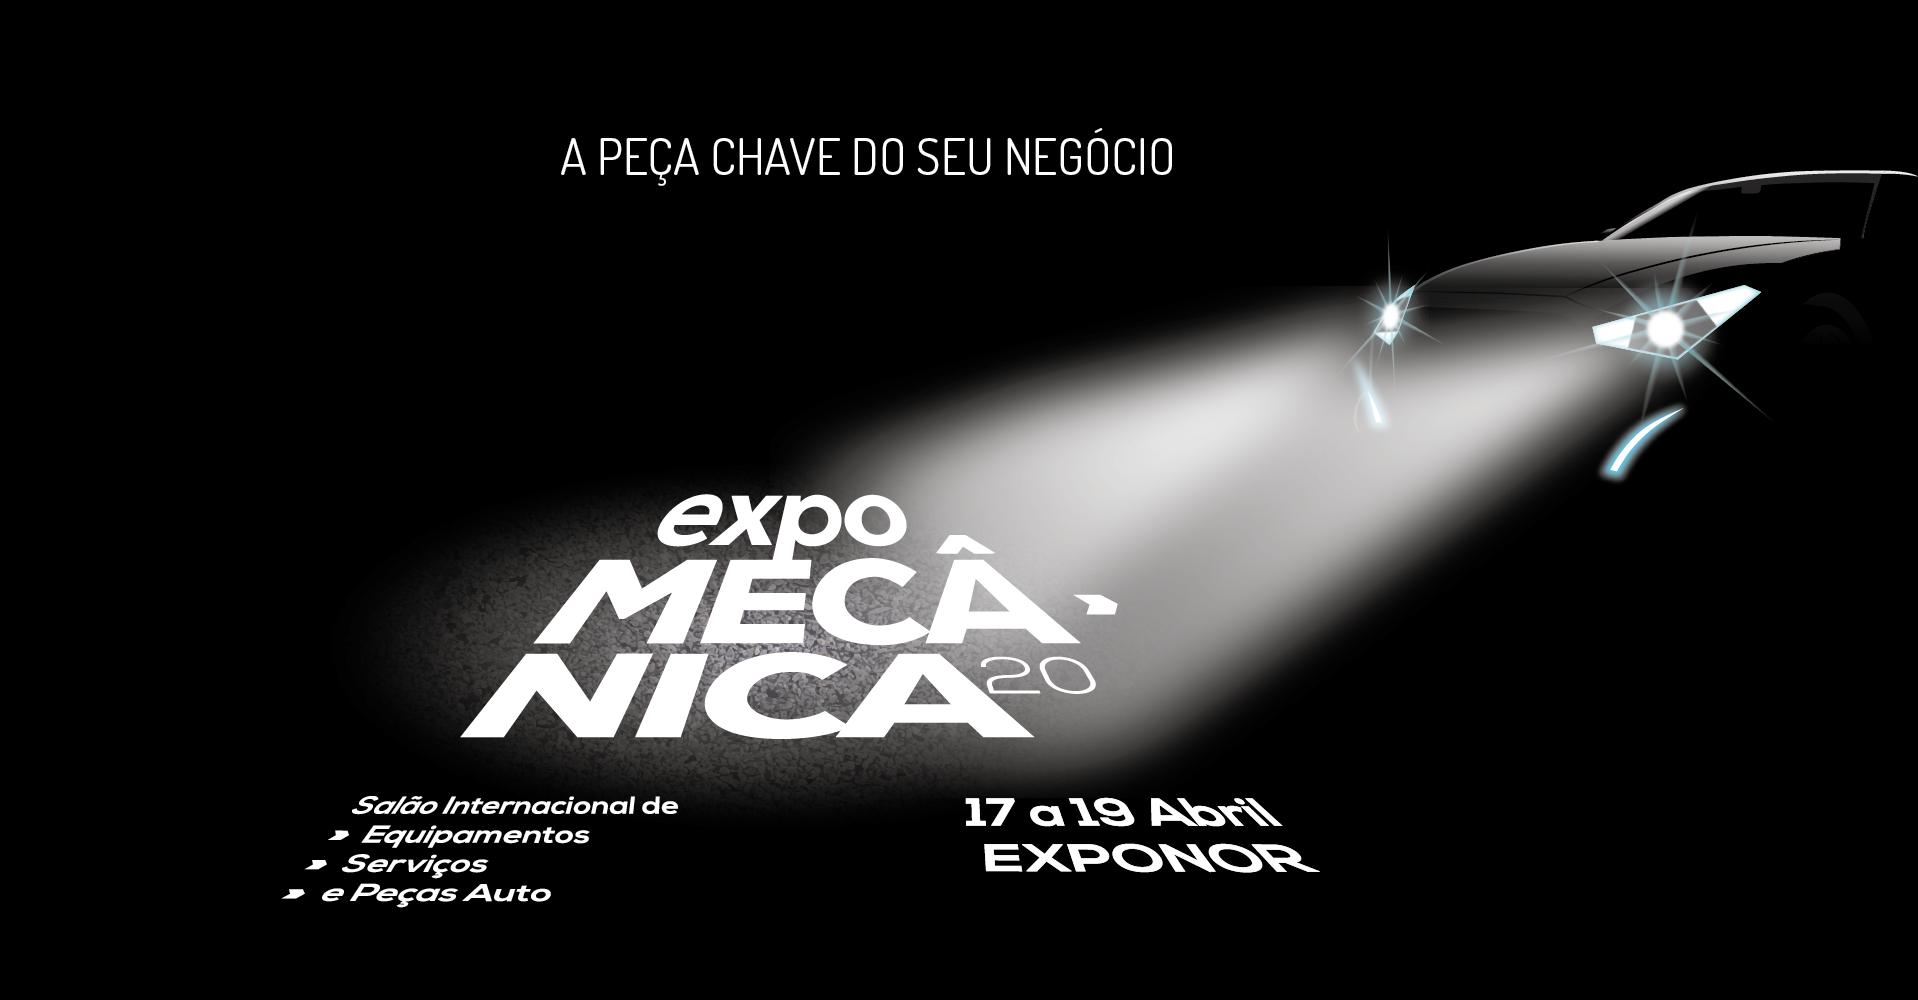 Expomecânica - Salão Internacional de Equipamentos, Serviços e Peças Auto